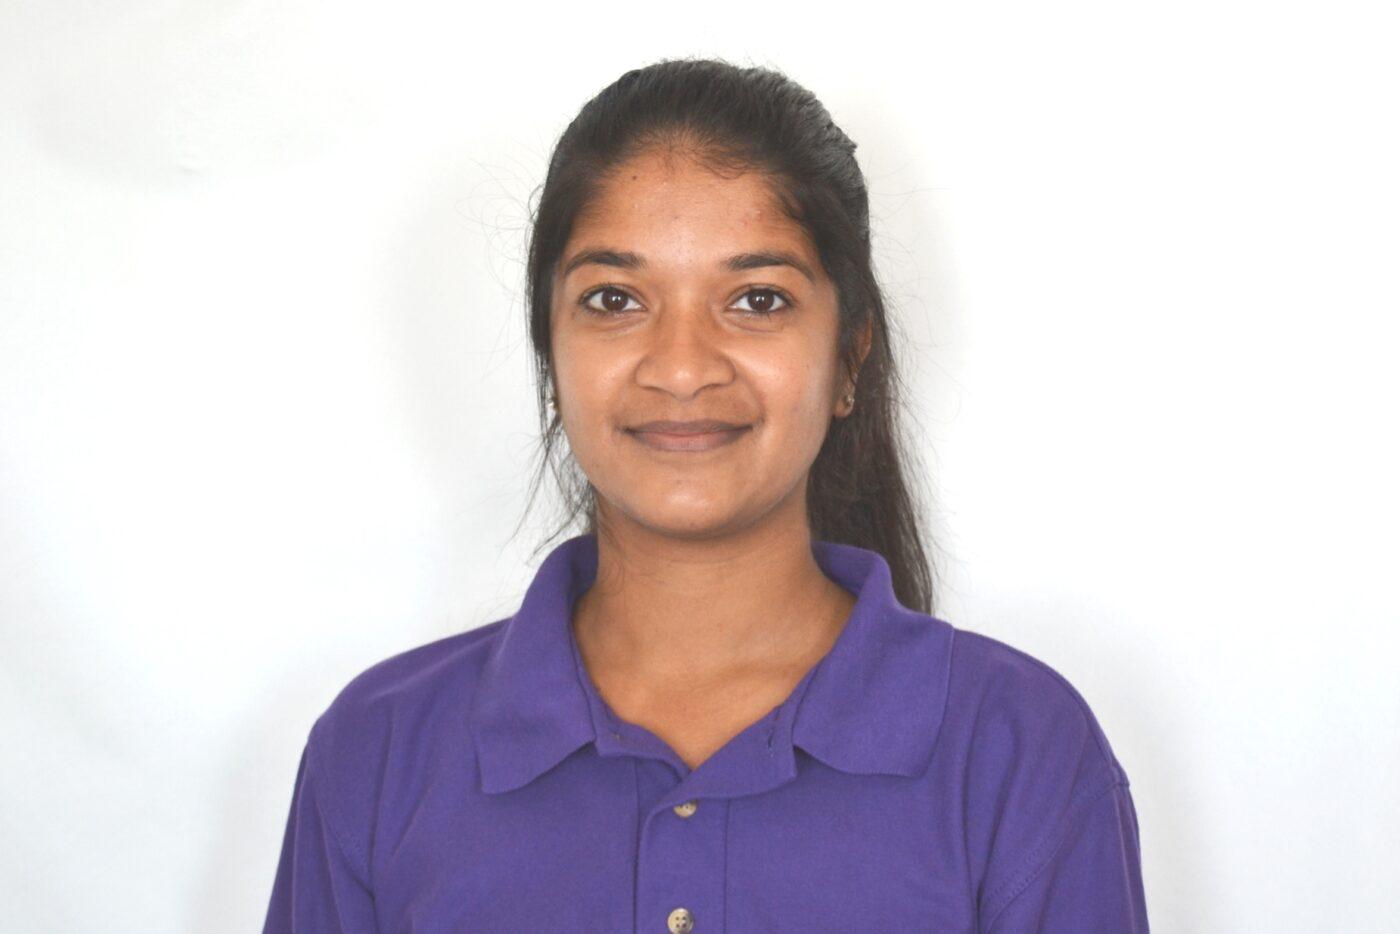 Bavithira Indrakumar